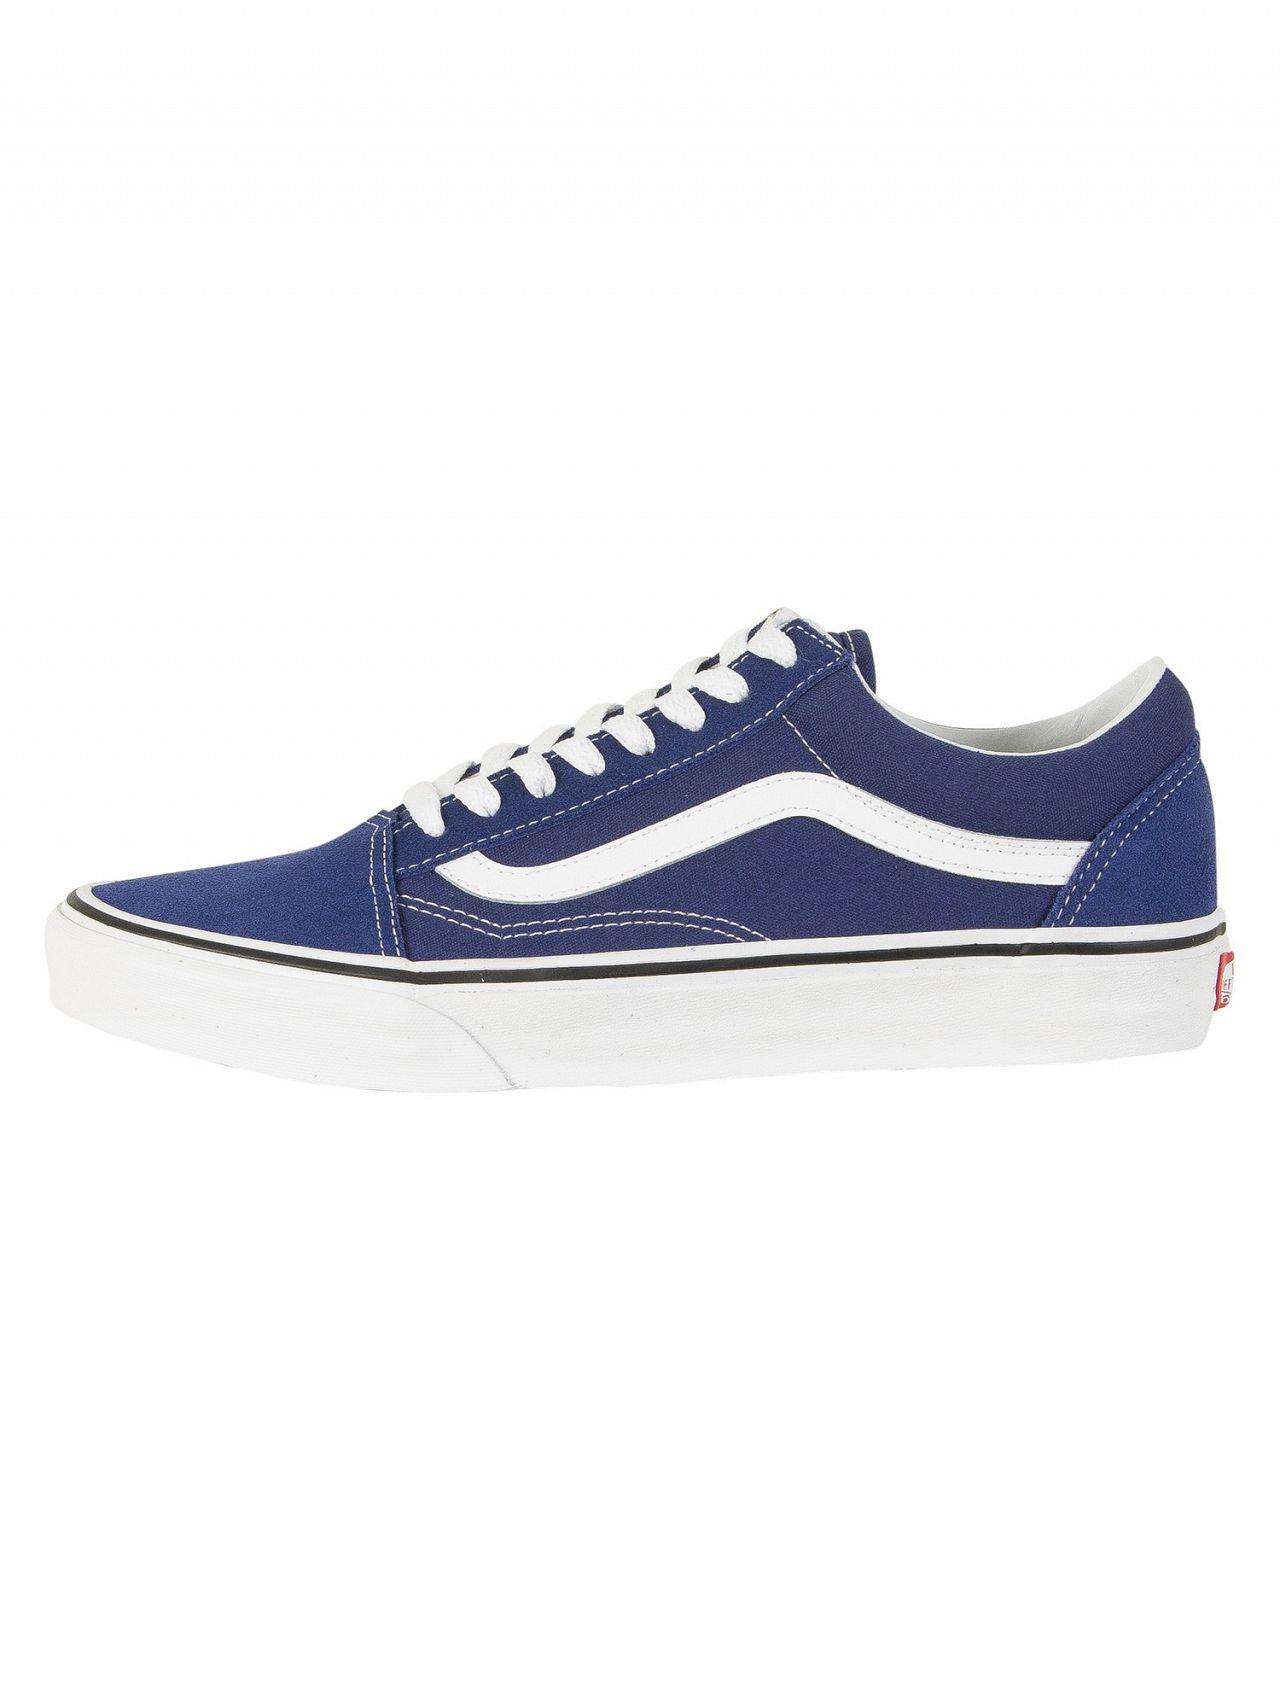 bae9c6ba764 Vans Estate Blue True White Old Skool Trainers